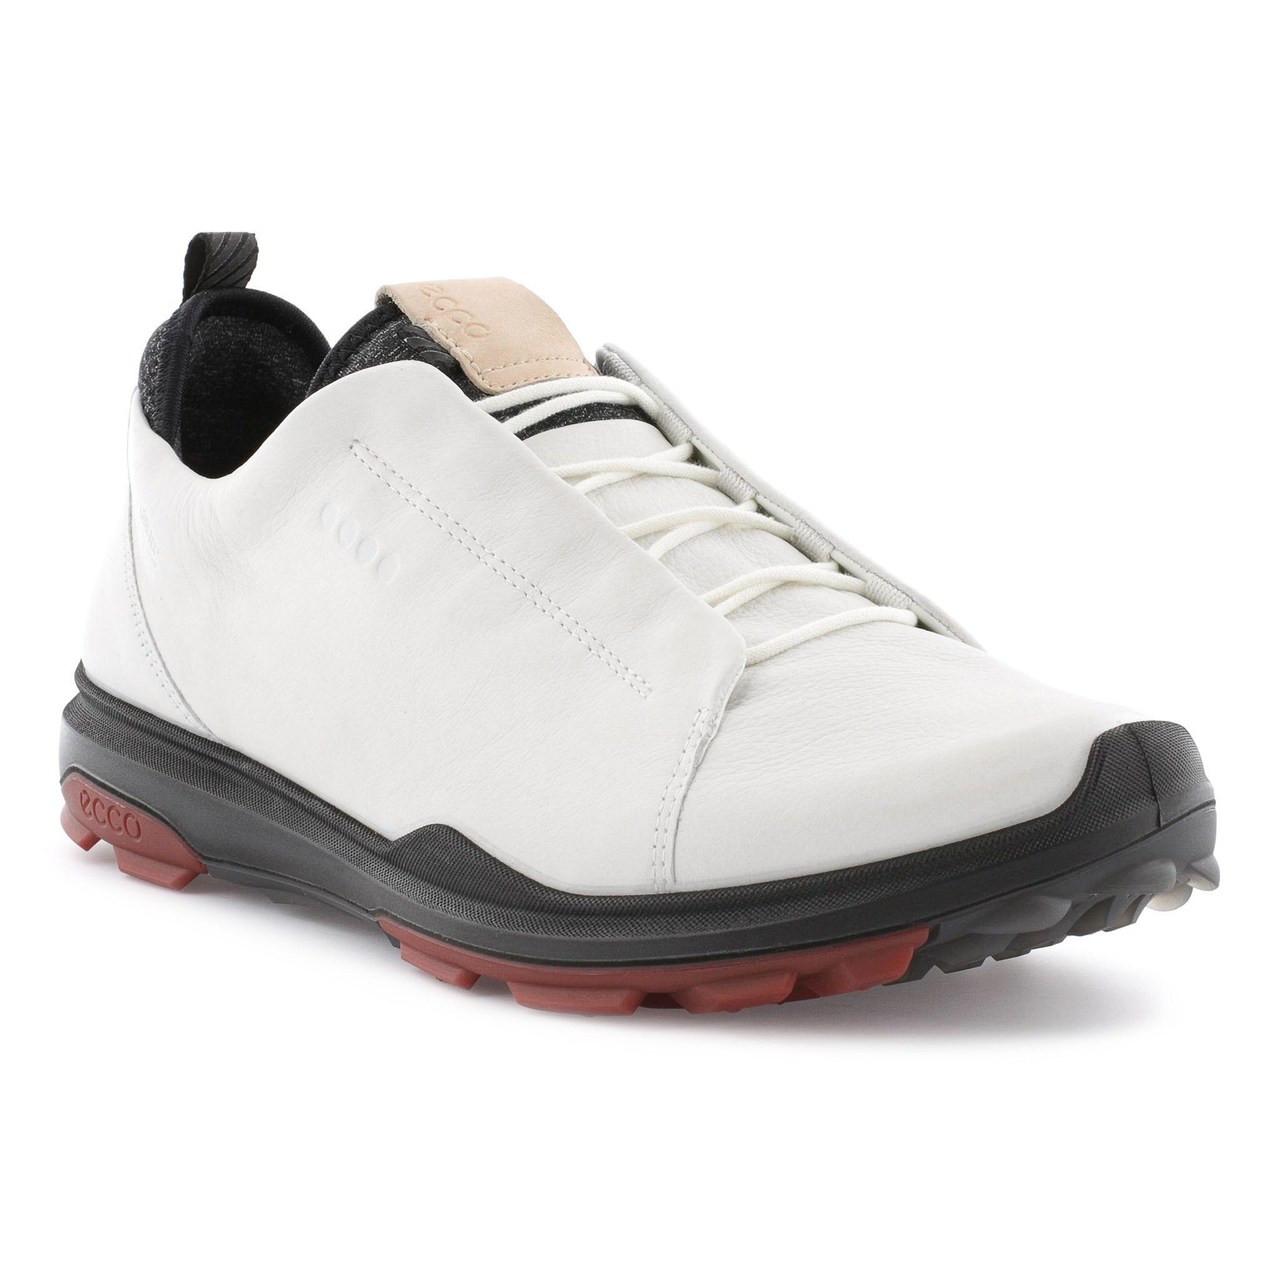 dcedc069faf6 Ecco Mens Biom Hybrid 3 Goretex Golf Shoes White Racer Ex Width ...